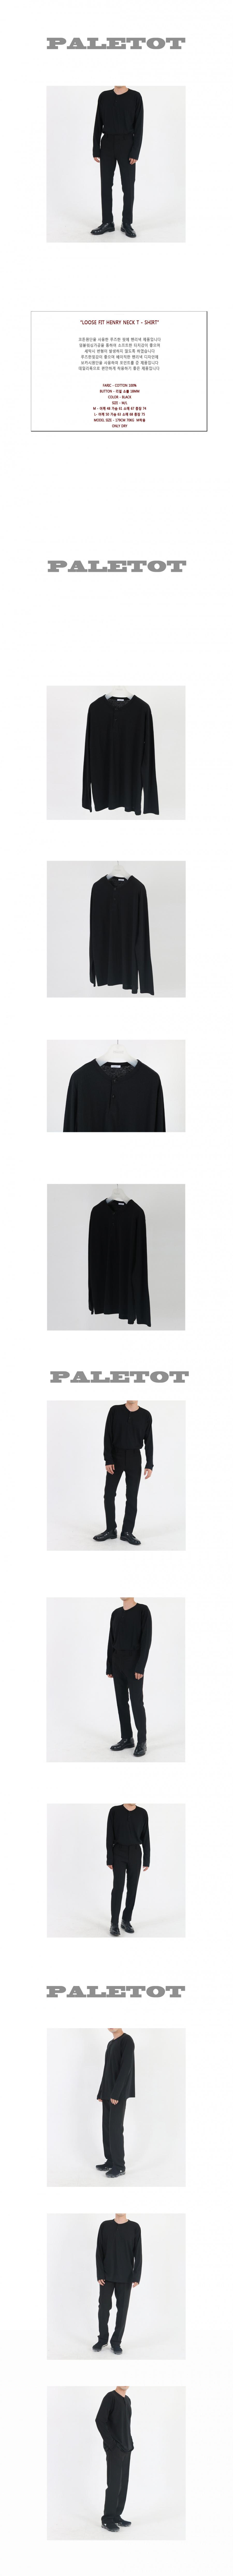 펠토(PALETOT) loose fit henry neck t - shirt[검정]